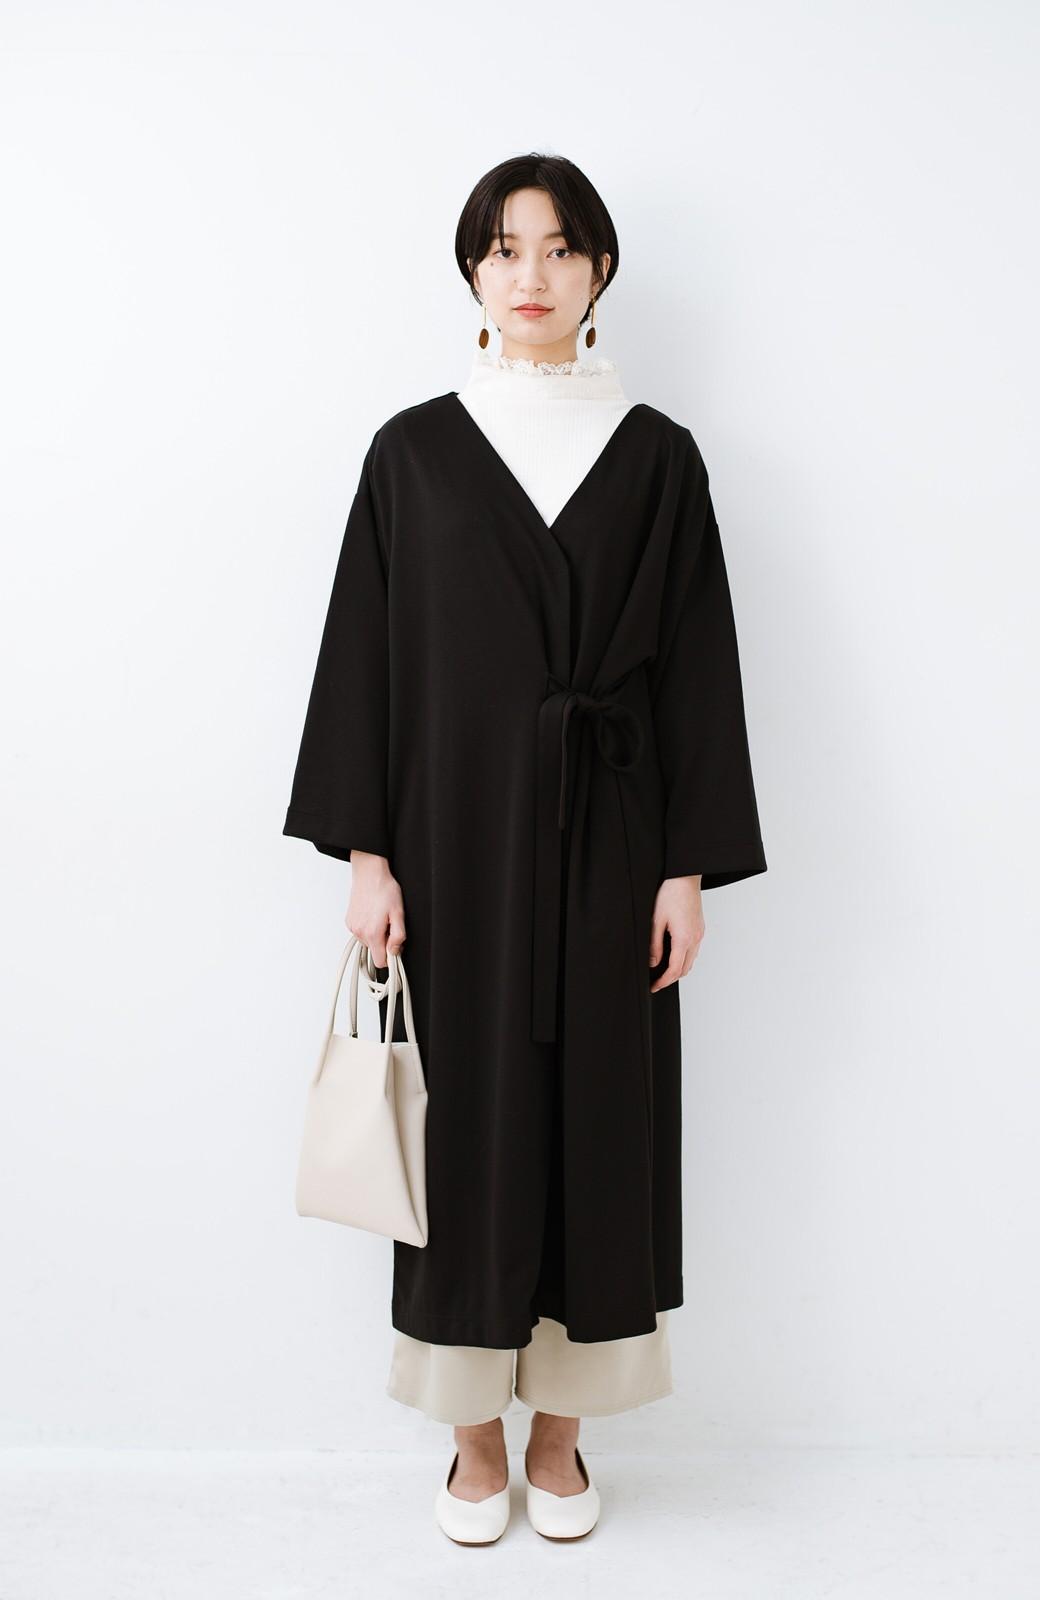 haco! サイドリボンと落ち感が女っぽい 羽織り&重ね着を楽しむカットソーワンピース <ブラック>の商品写真3